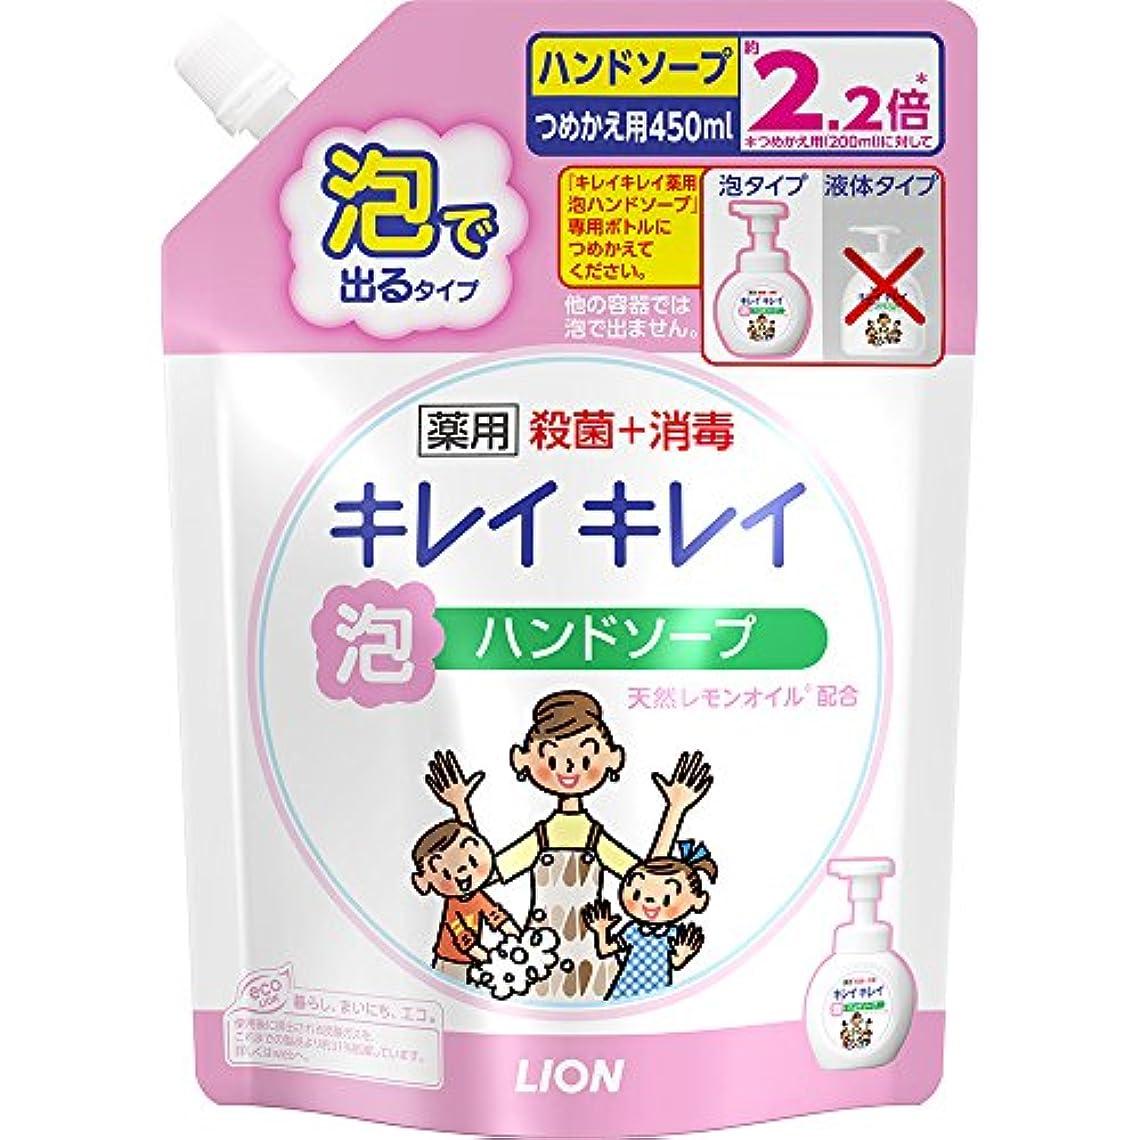 市民悪性の菊キレイキレイ 薬用 泡ハンドソープ シトラスフルーティの香り 詰め替え 450ml(医薬部外品)